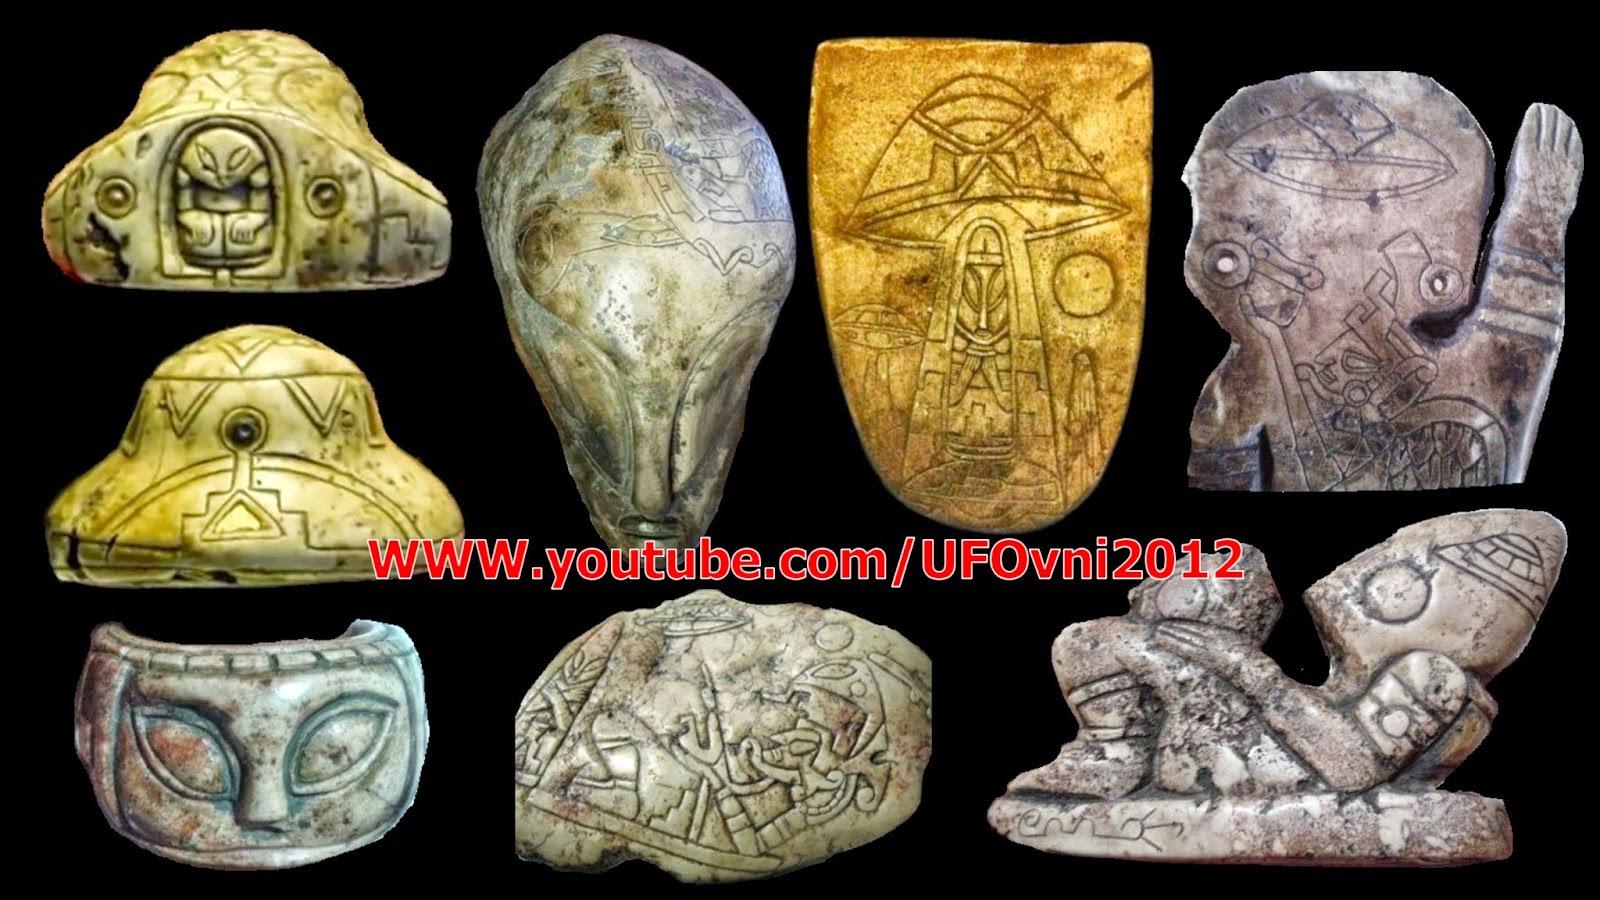 Aztec origine des objets archéologiques trouvés dans Ojuelos de Jalisco, au Mexique